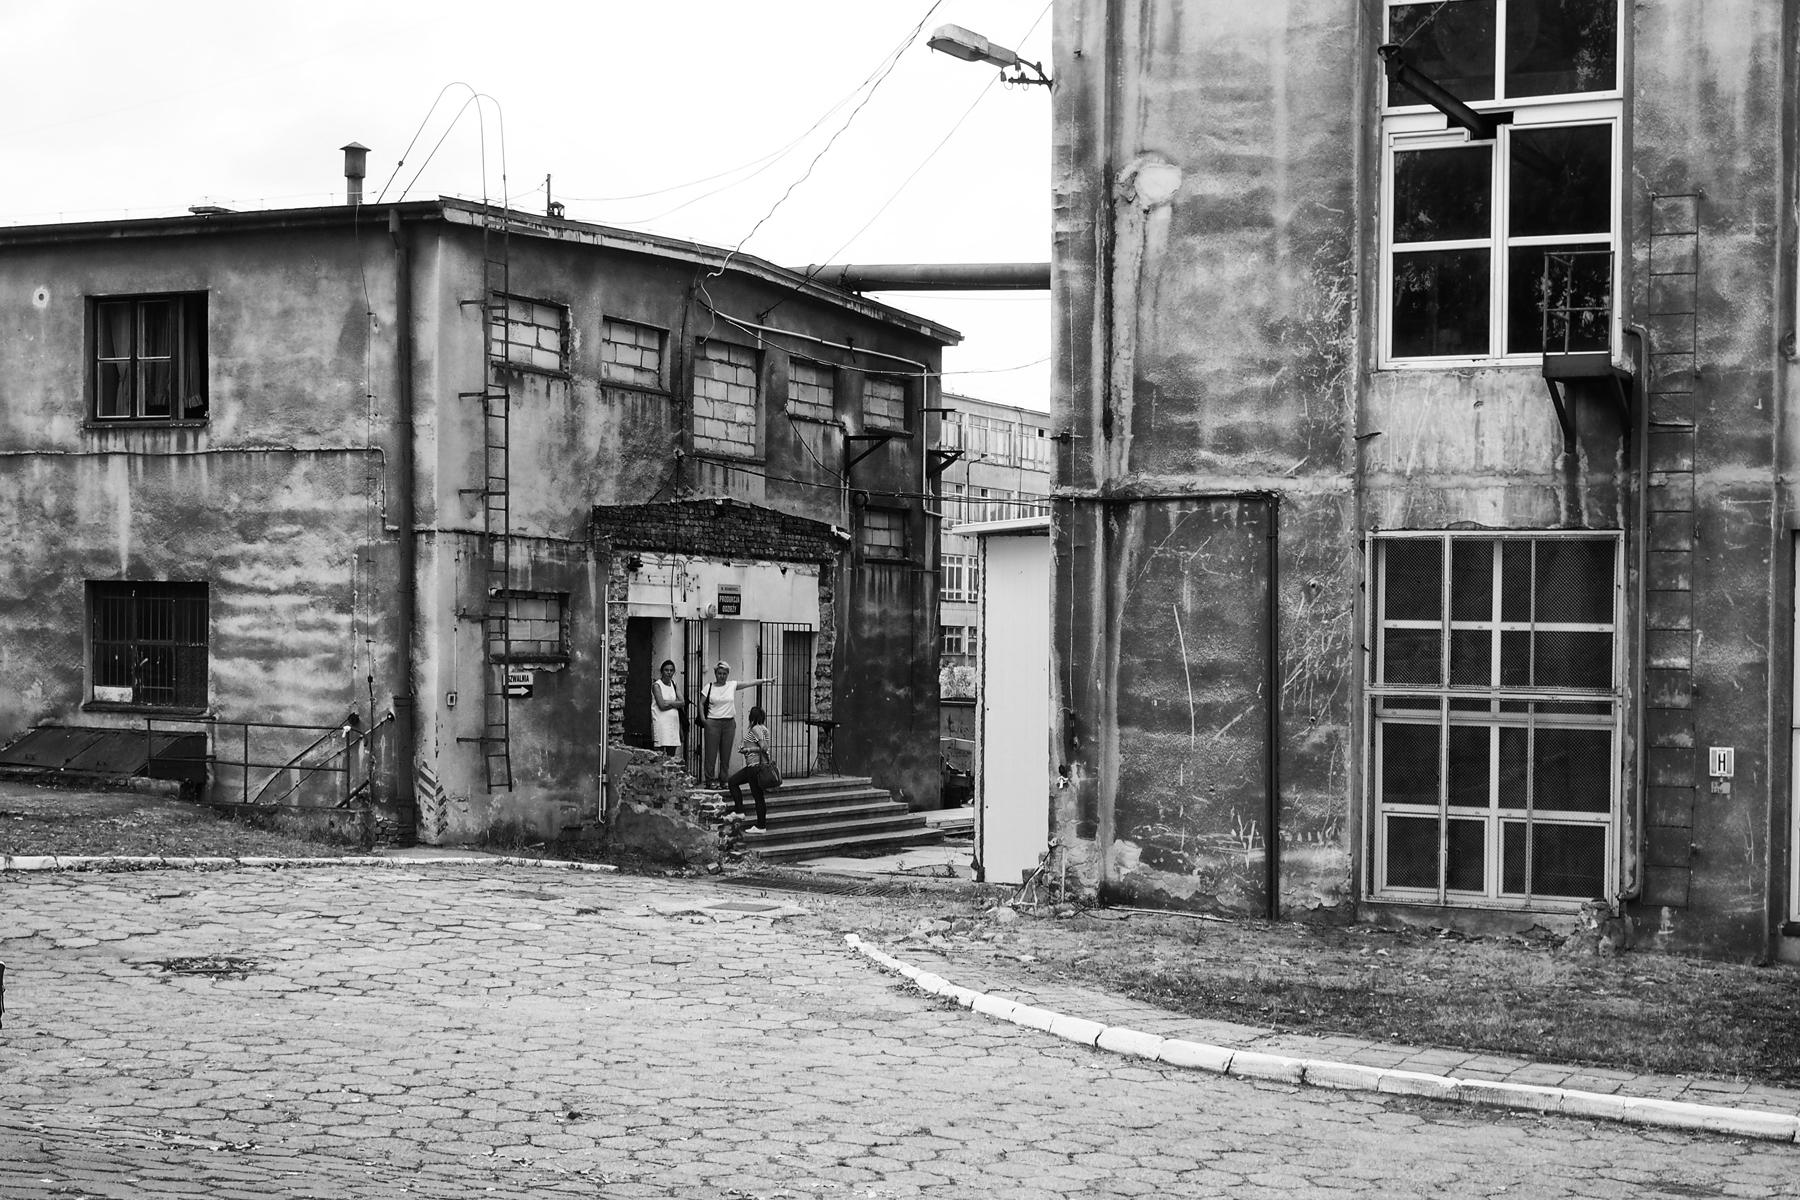 Bydgoszcz - Fabryka Obrabiarek do Drewna